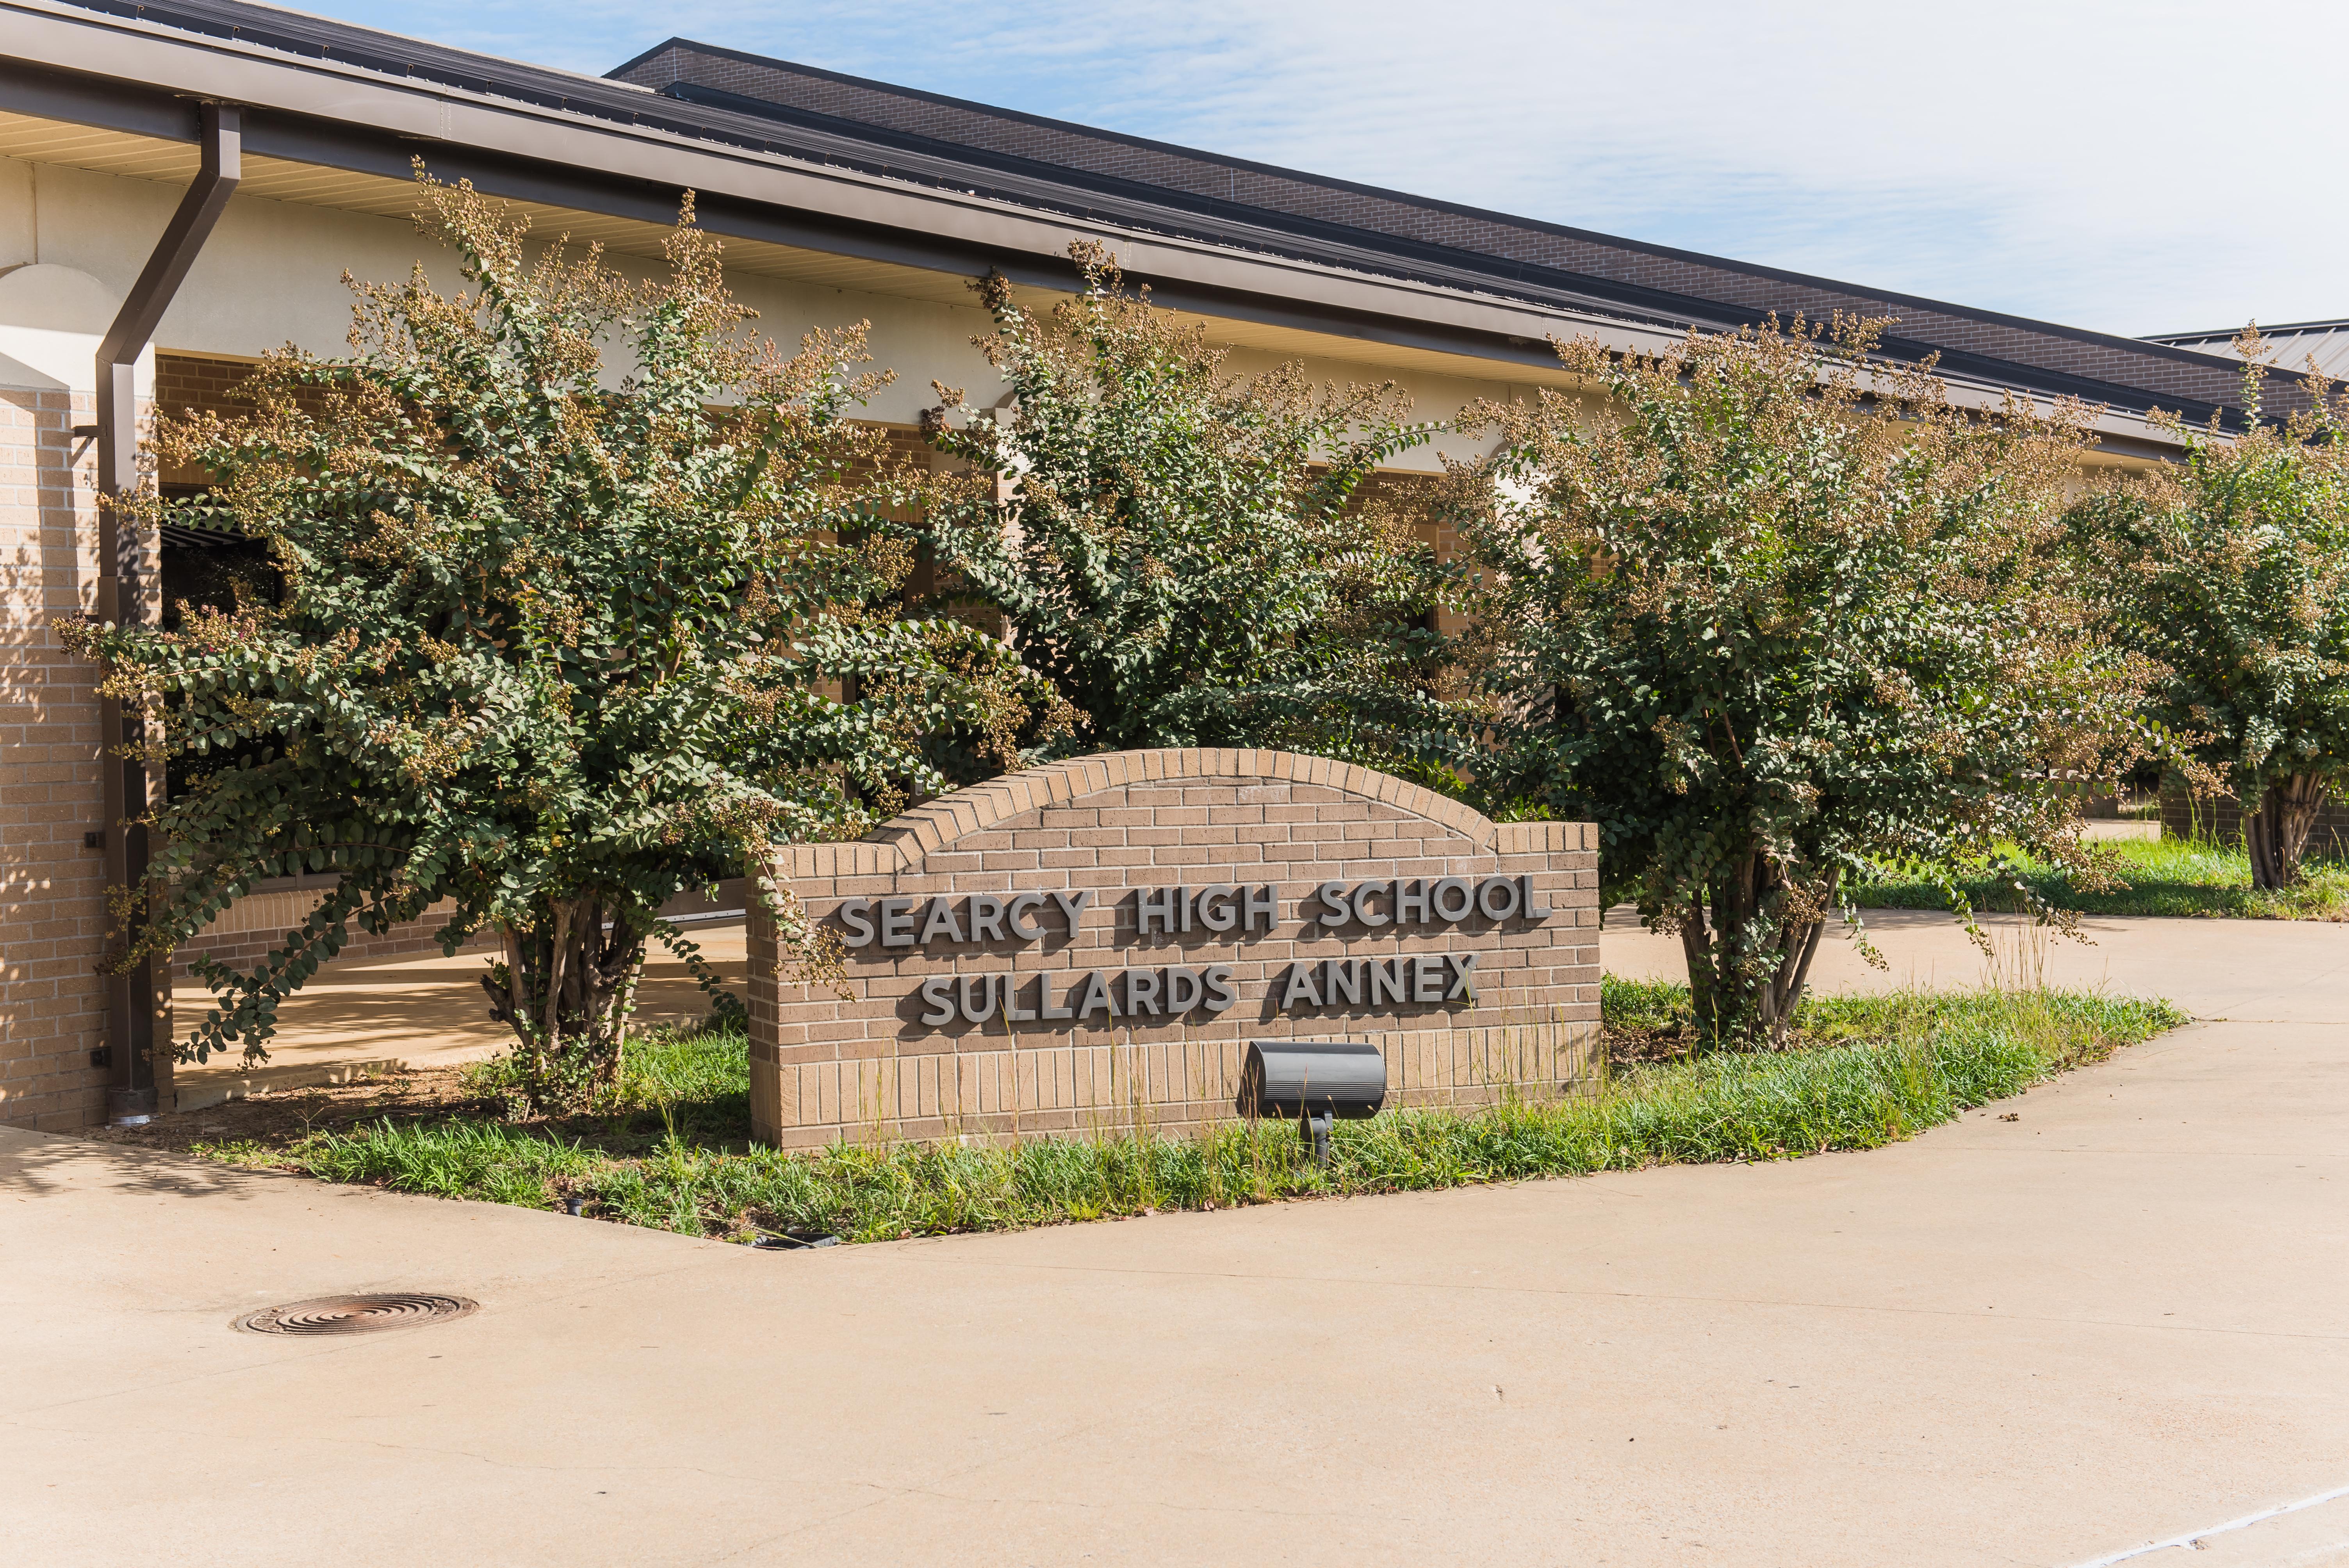 Searcy High School Sullards Annex sign